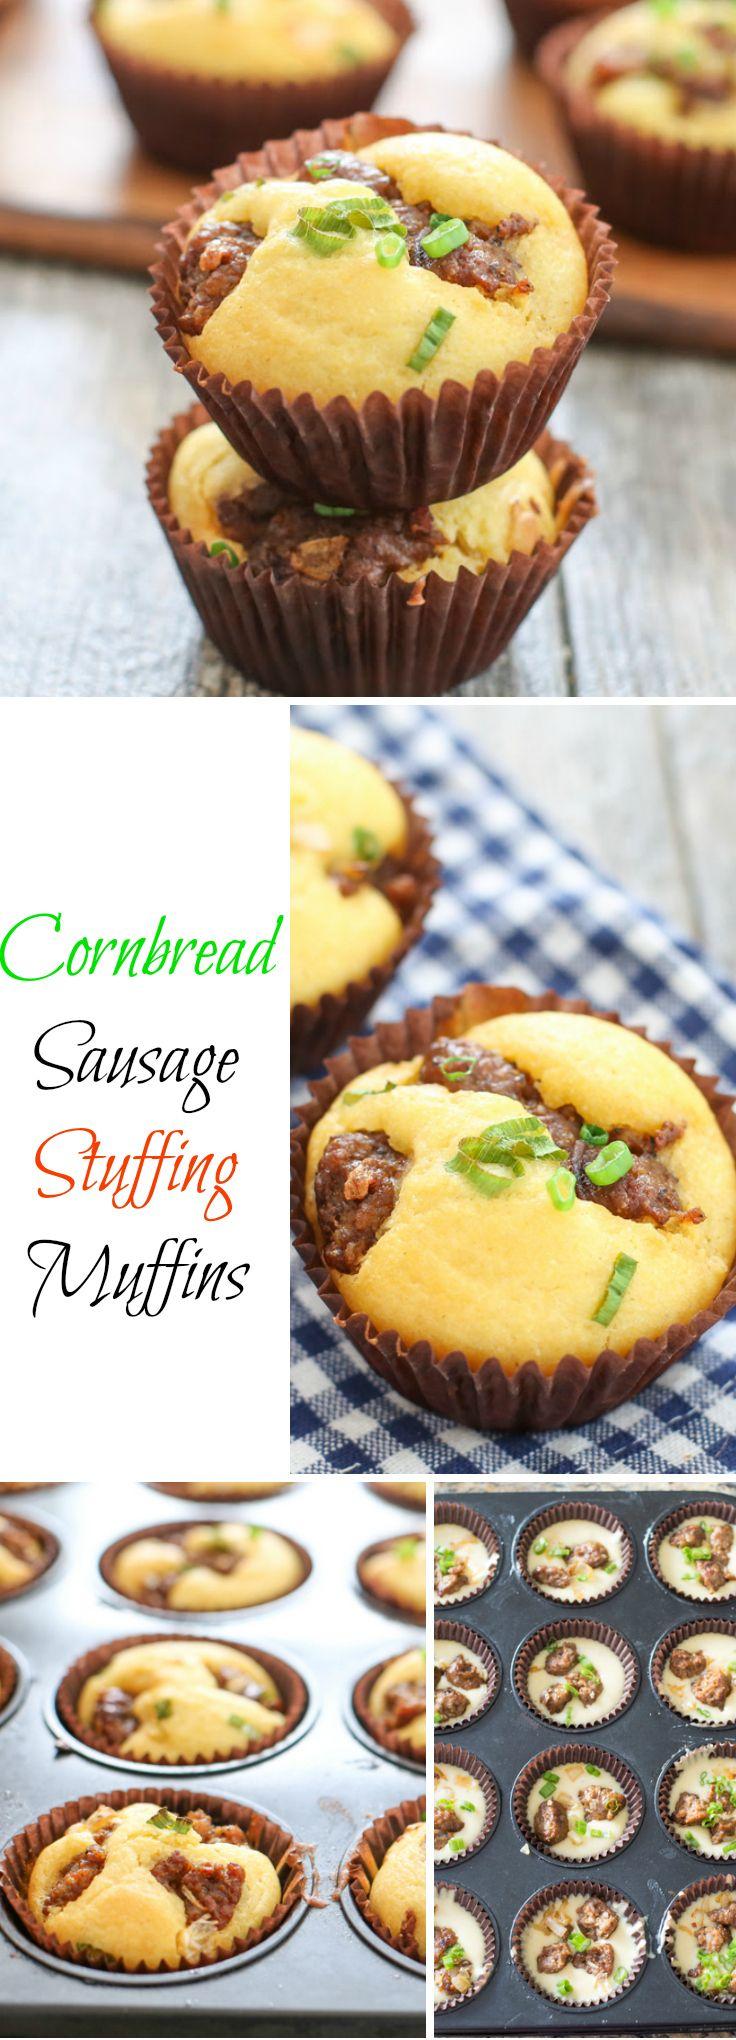 Die besten 25+ Cornbread sausage stuffing Ideen auf ...